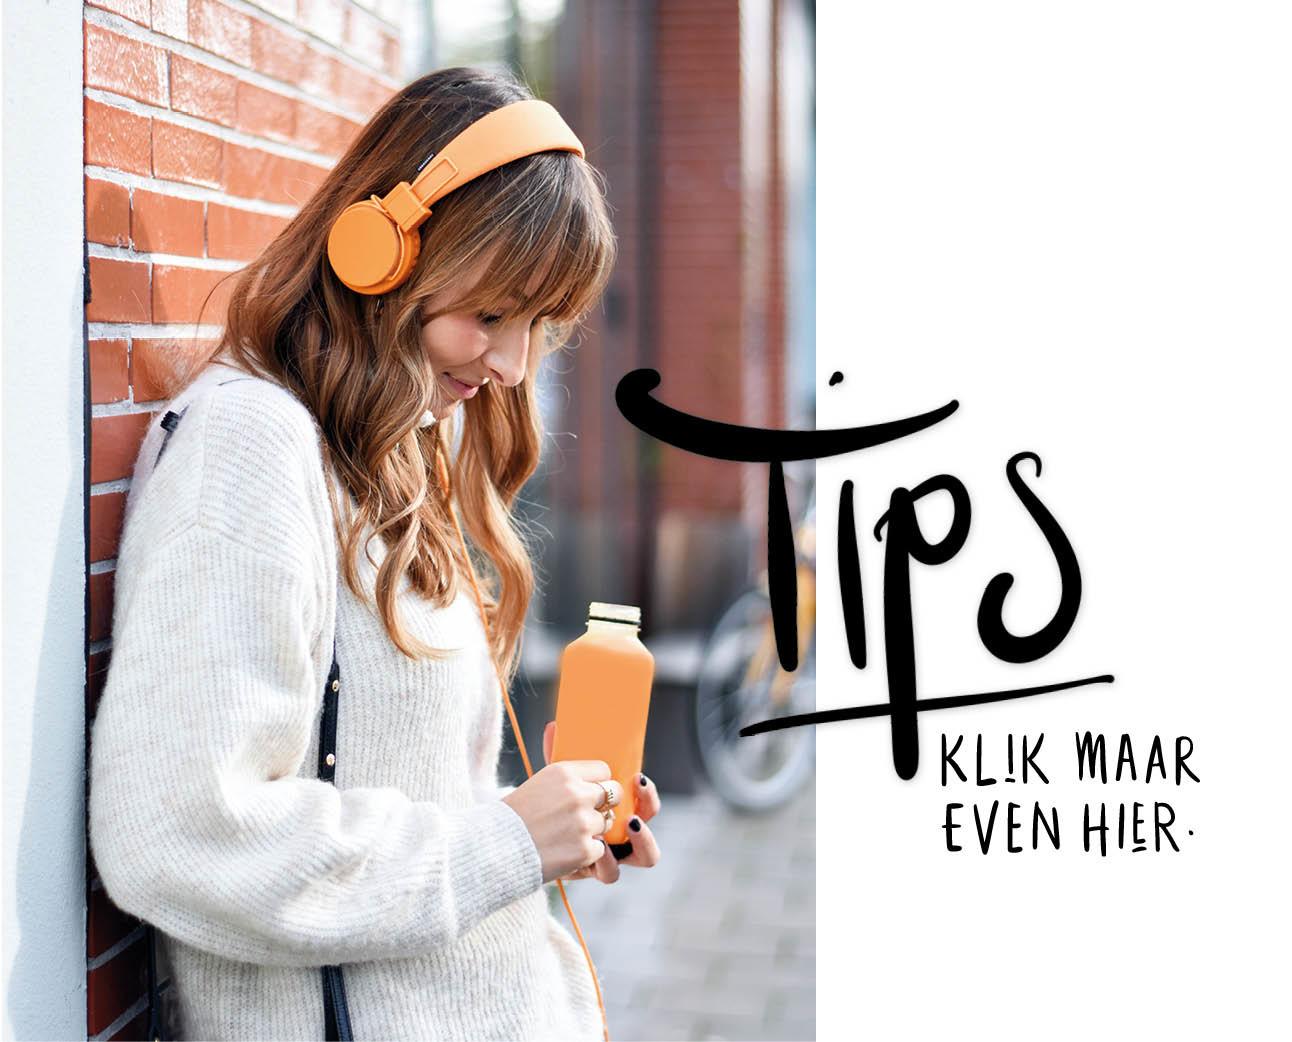 lilian brijl met oranje storytel koptelefoon en sapje buiten op straat